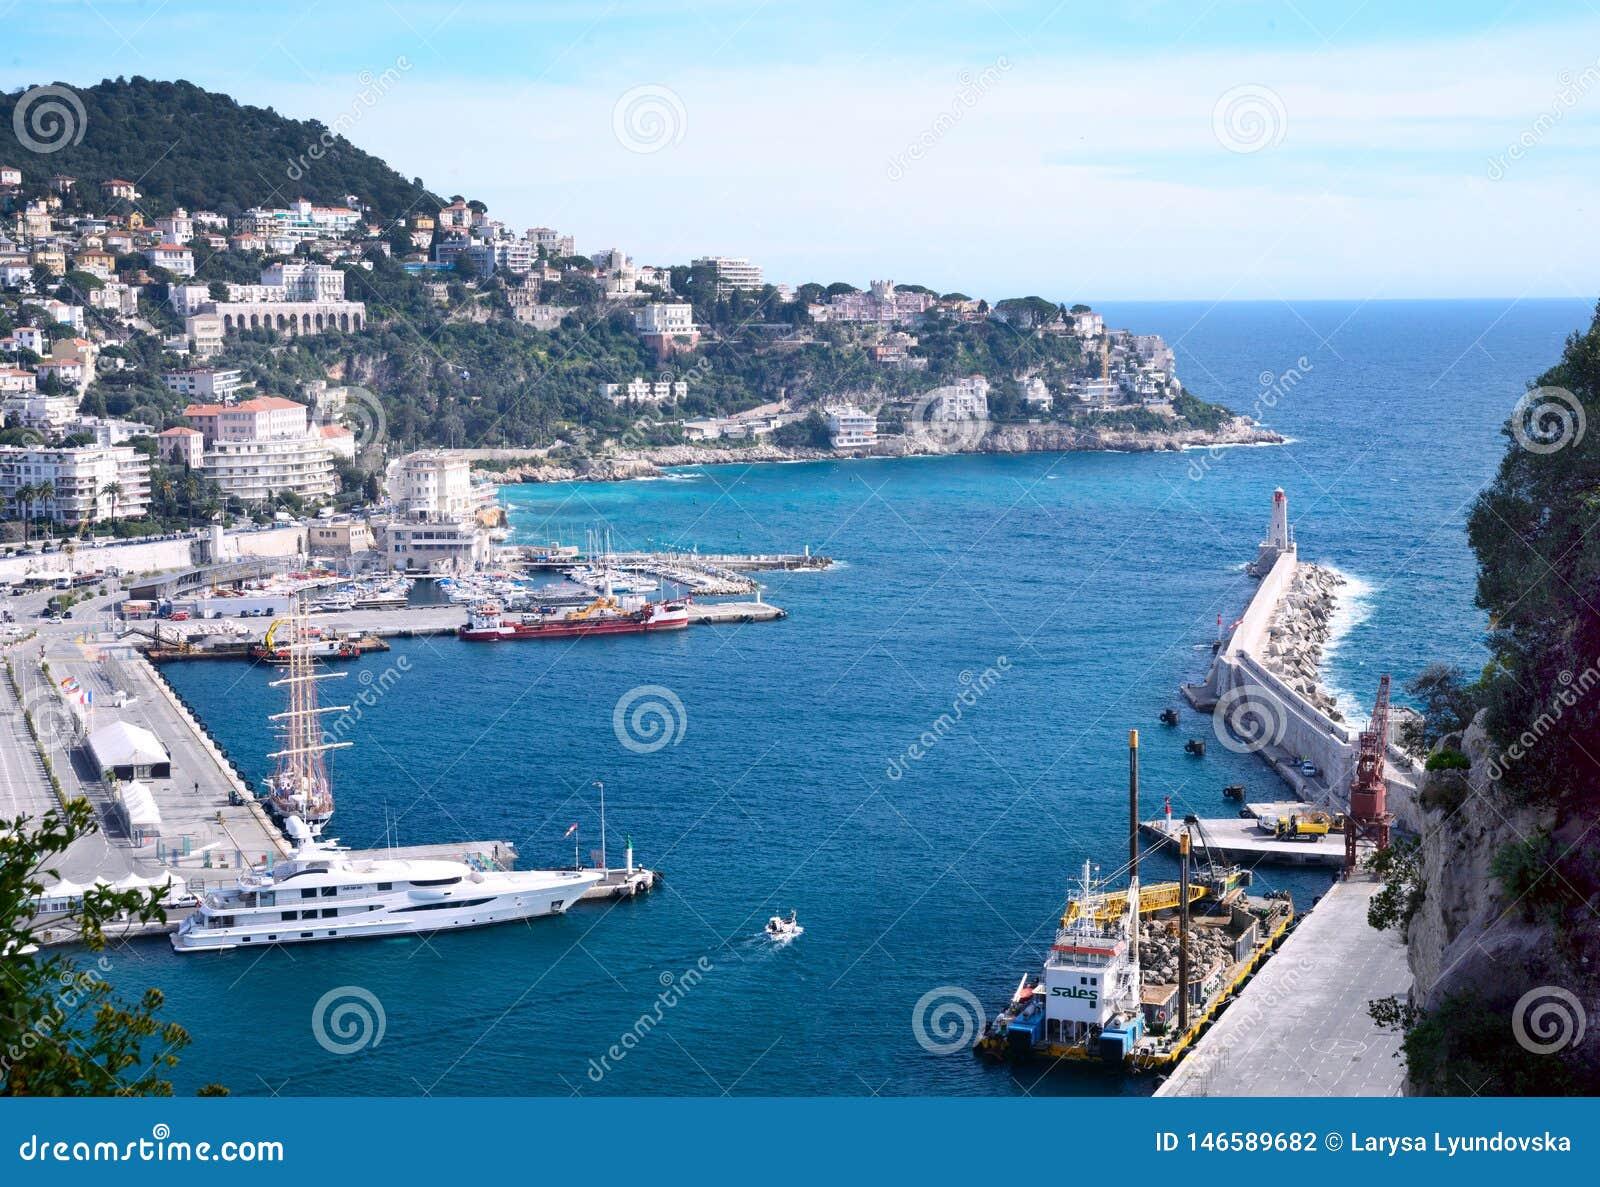 Nett, Frankreich, im M?rz 2019 Hafen der franz?sischen Stadt von Nizza Private Yachten und Boote werden nahe der K?ste geparkt